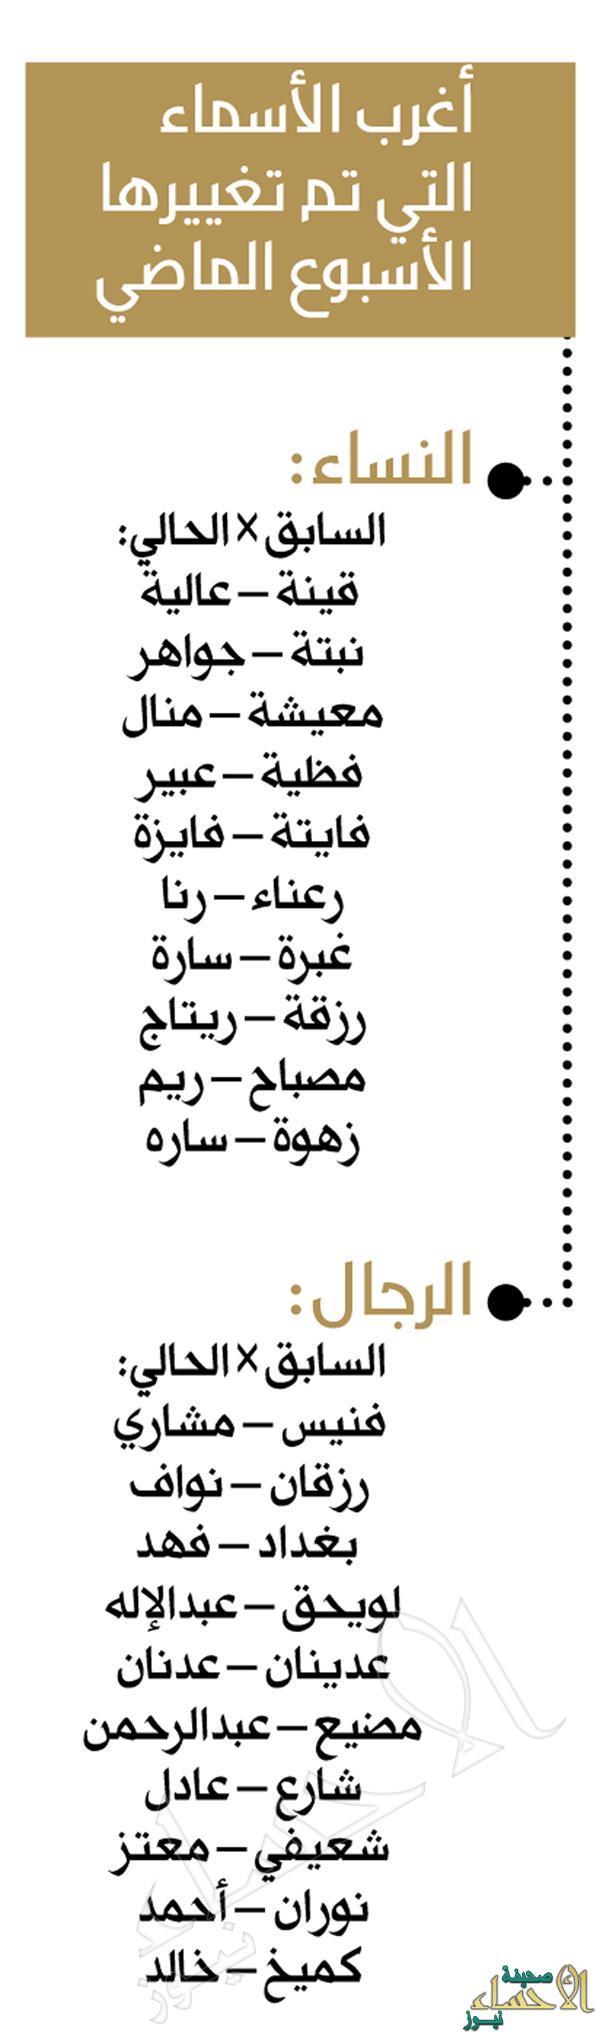 جولي تزين أرجواني القاب رجال حلوه Dsvdedommel Com